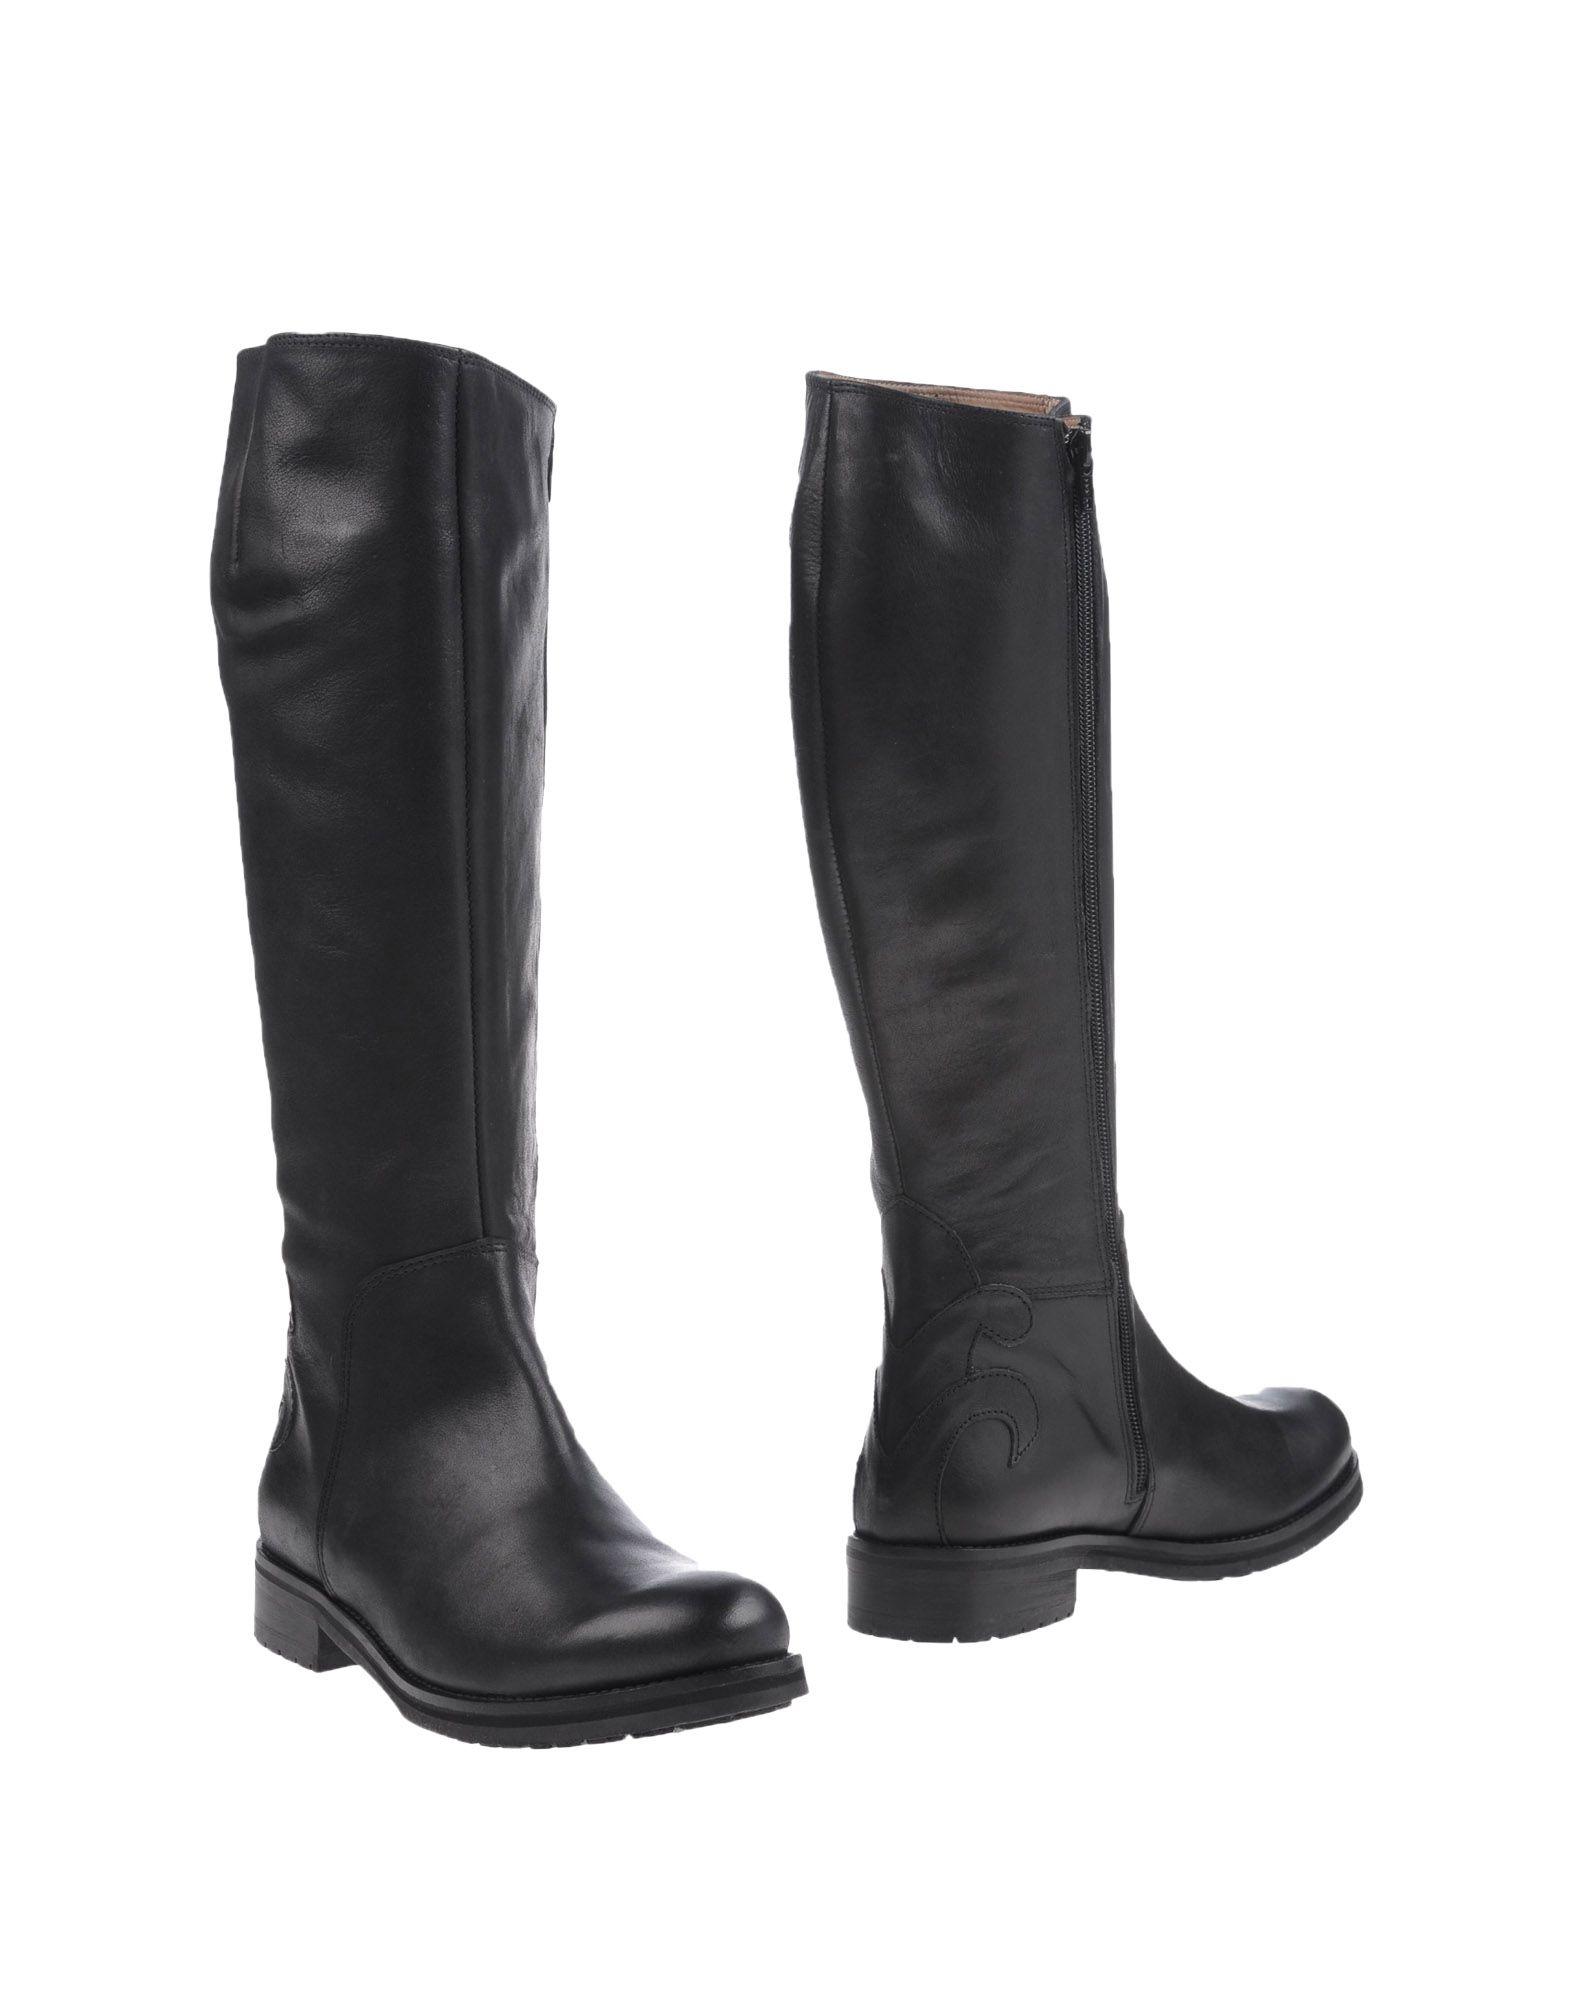 Moda Stivali Malìparmi Donna - 11215858UG